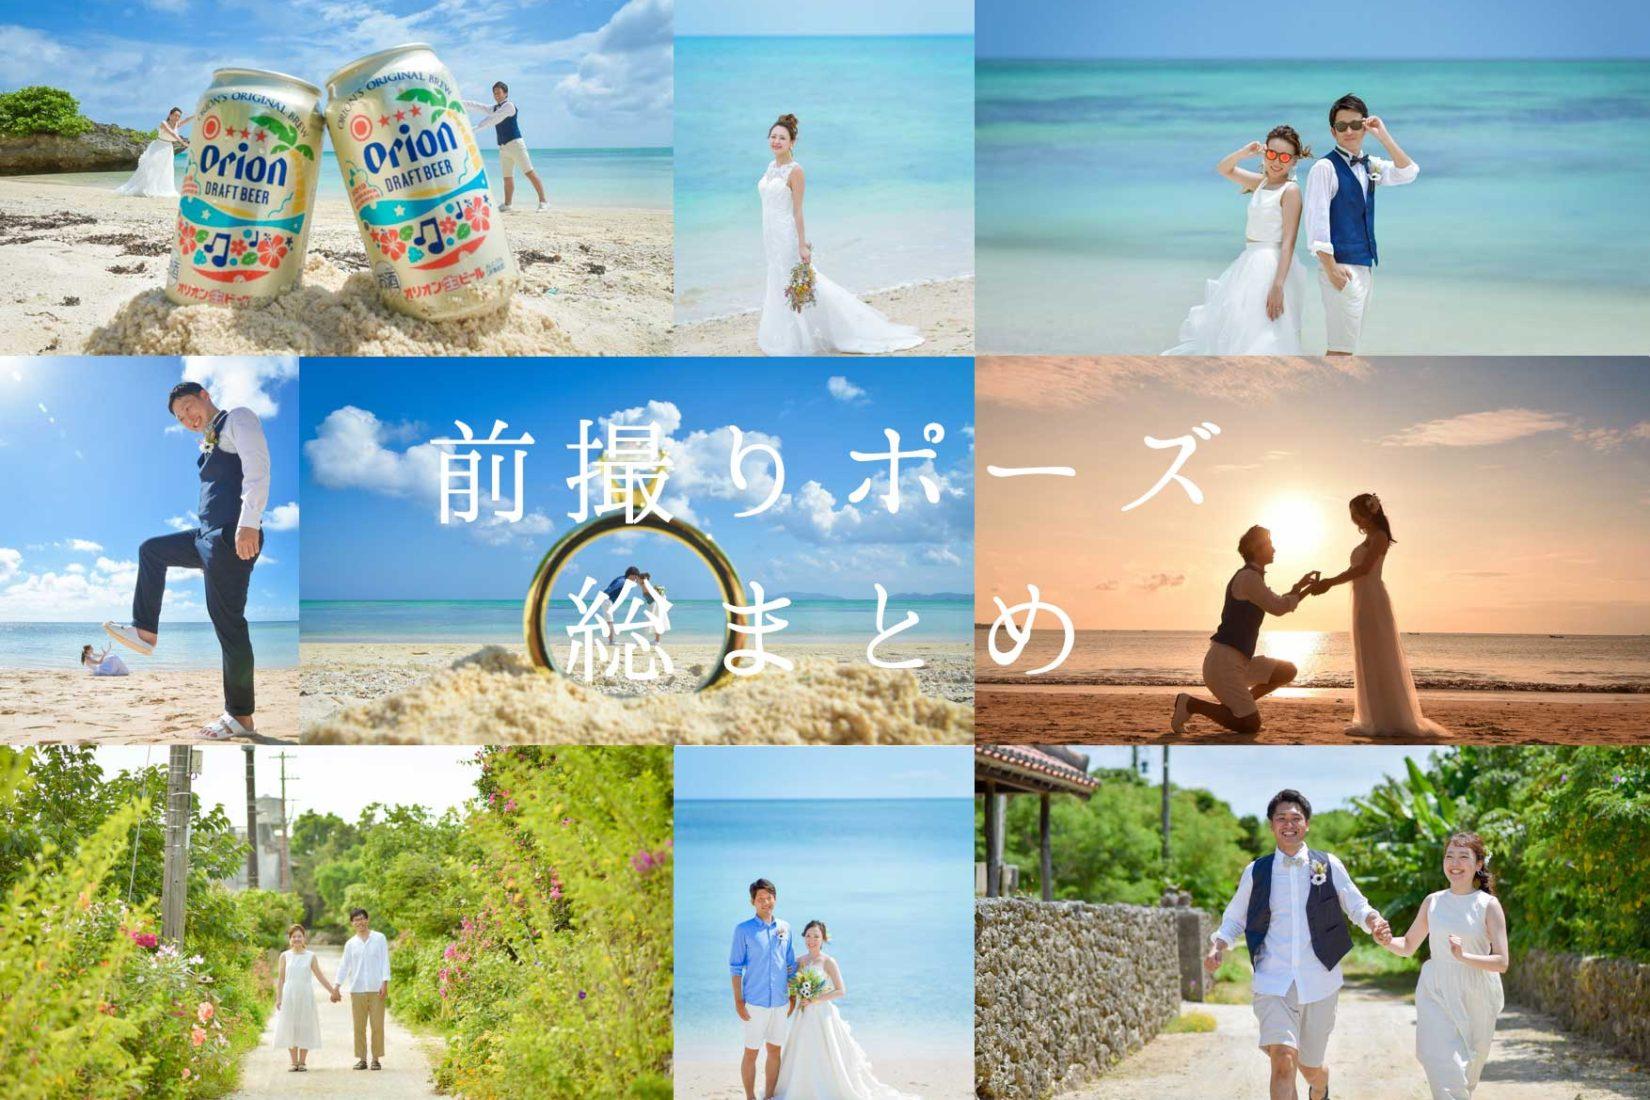 【2020年最新版】カメラマンが選ぶ結婚式の前撮りポーズ69選・写真155枚